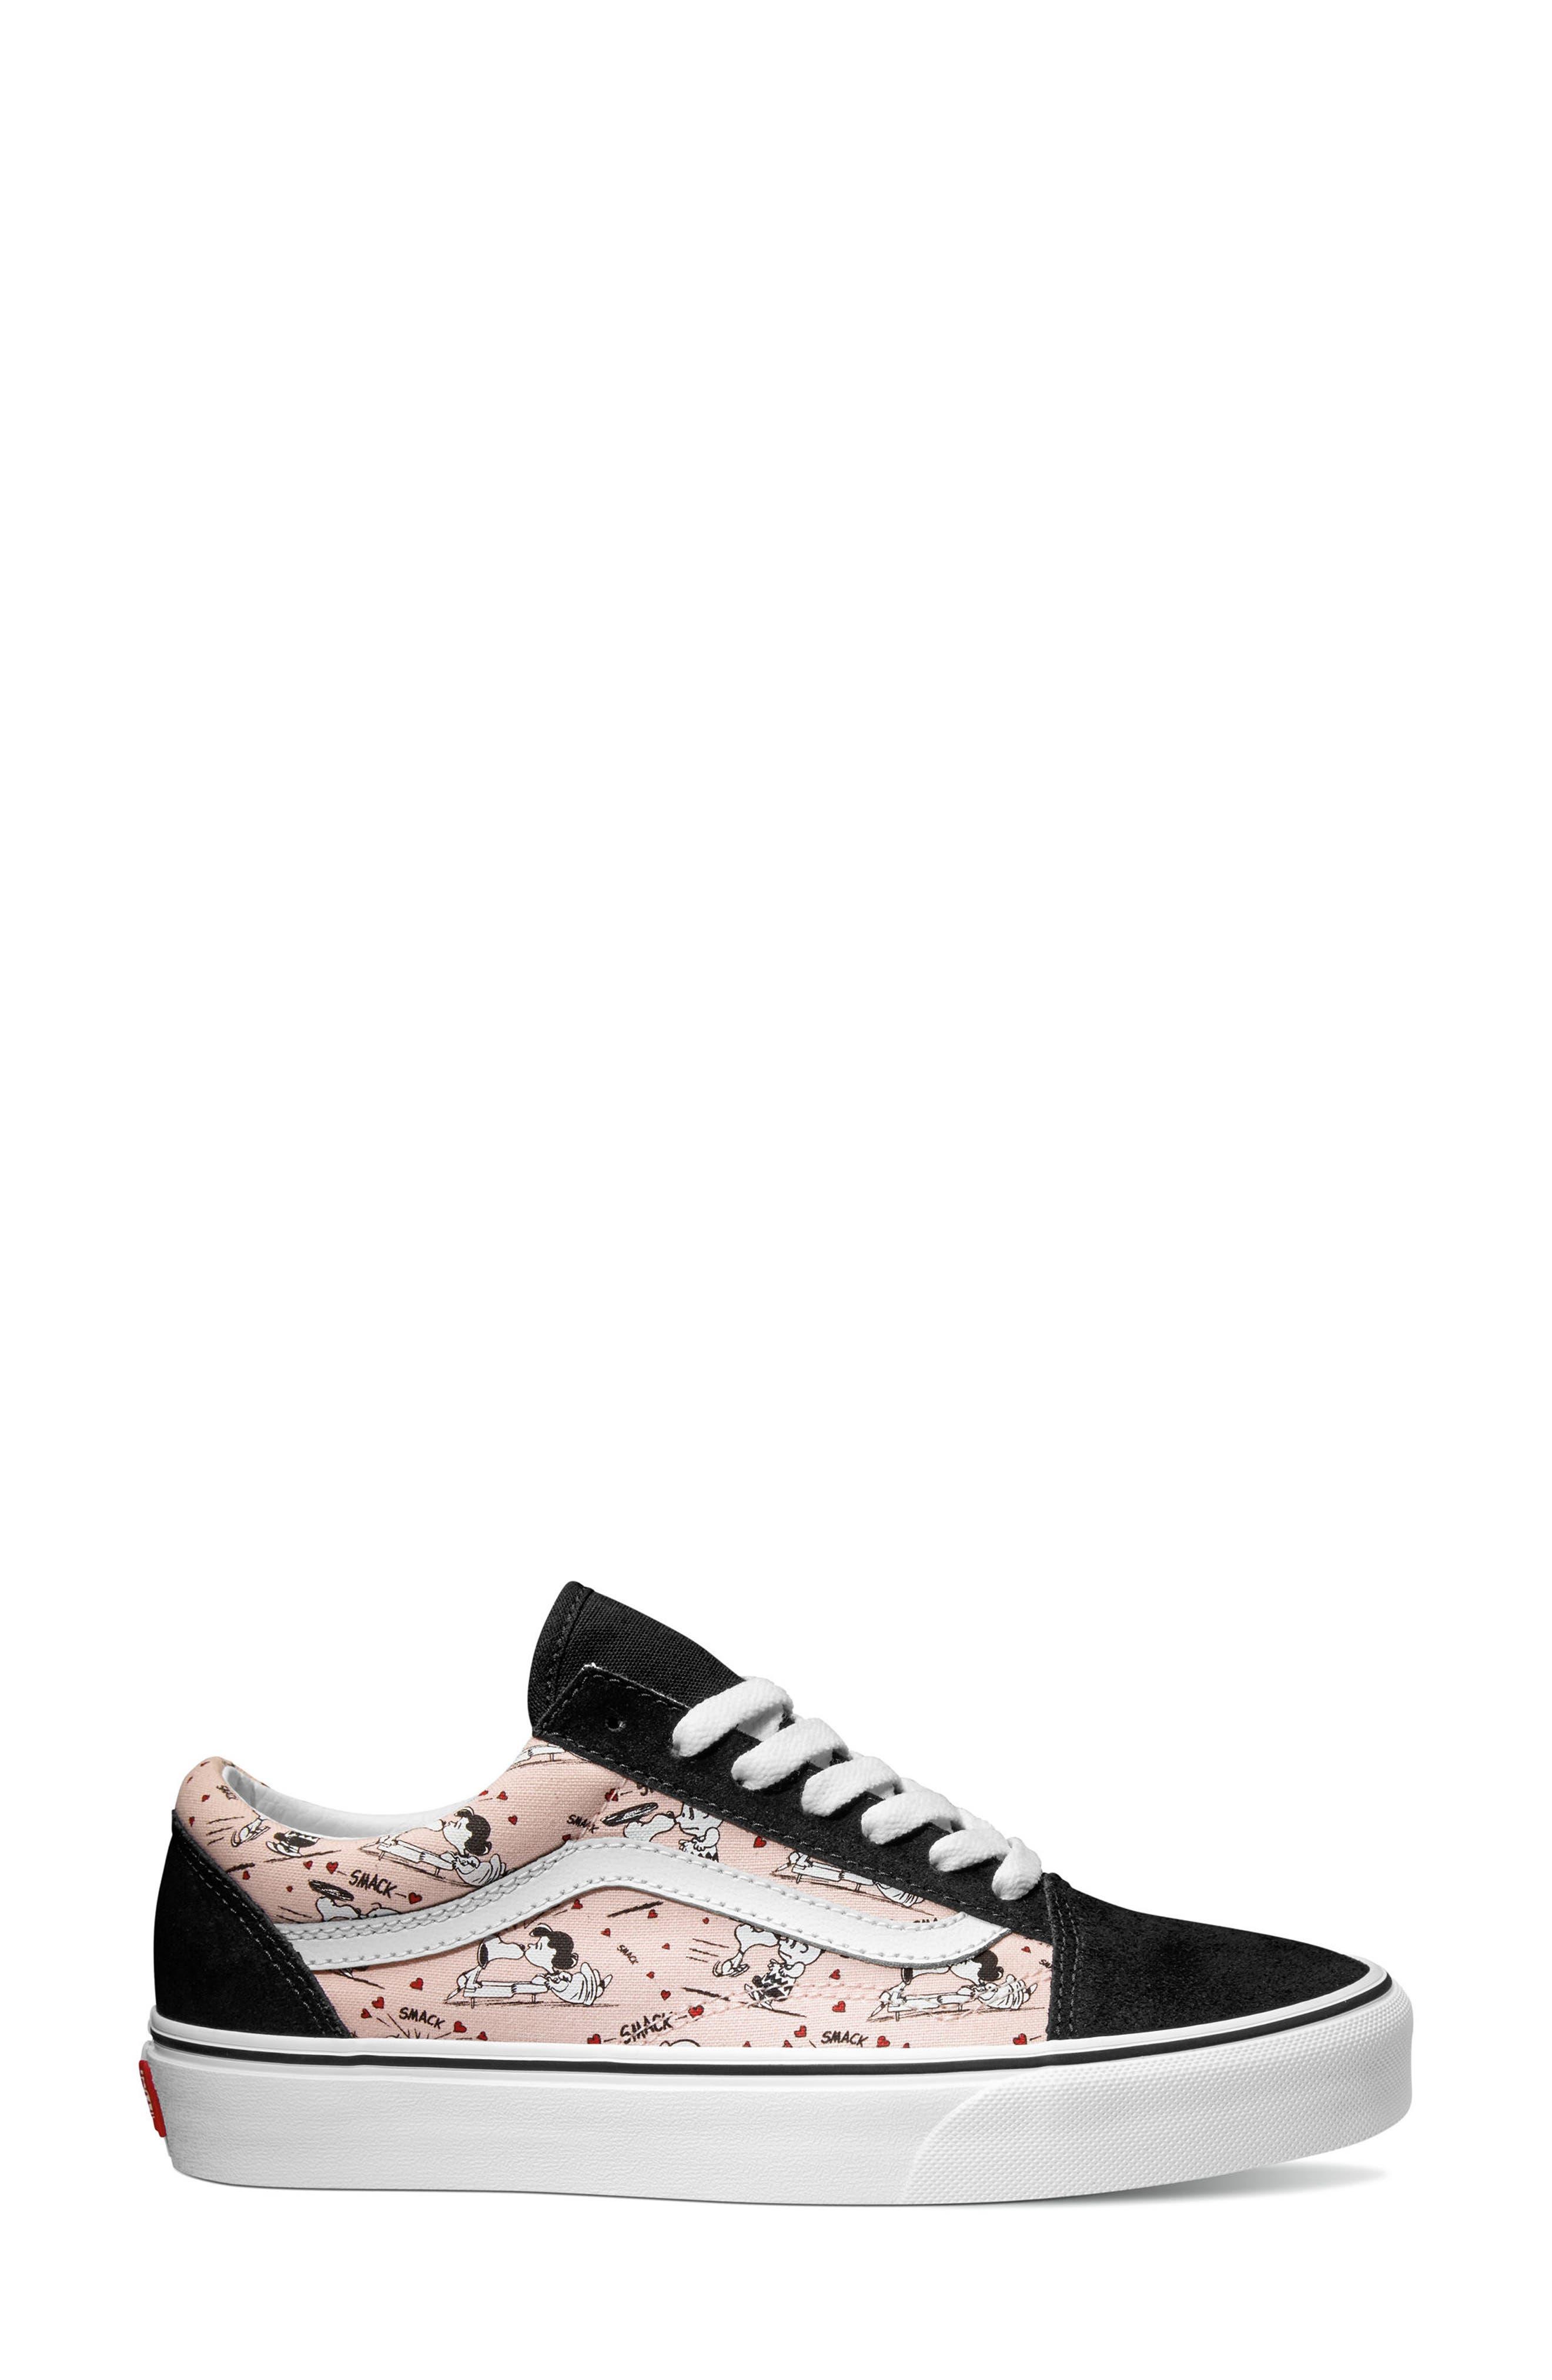 Alternate Image 1 Selected - Vans x Peanuts Old Skool Snoopy Kisses Sneaker (Women)